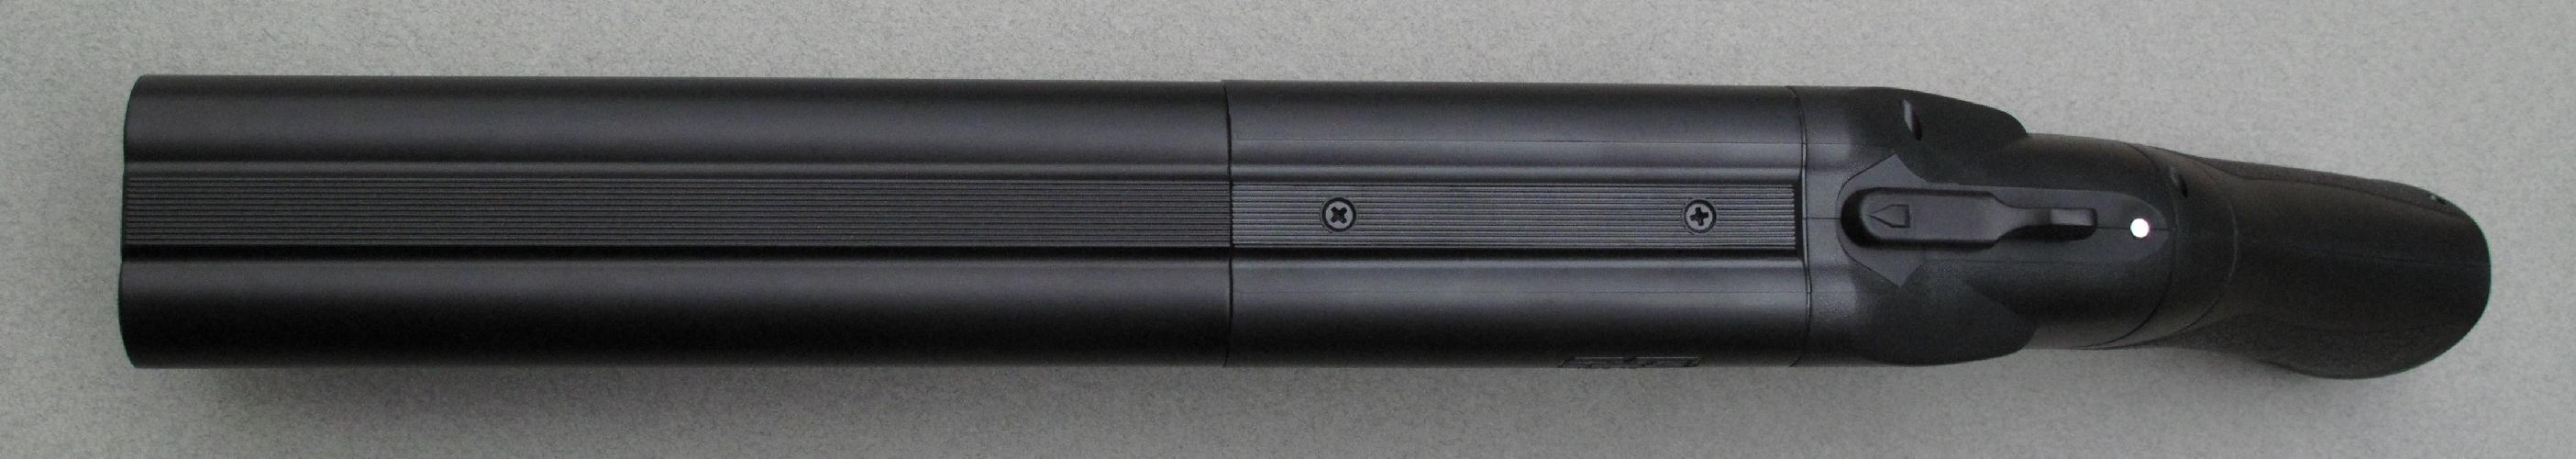 La largeur que lui confèrent ses deux canons juxtaposés procure à la main faible une prise sûre et confortable.